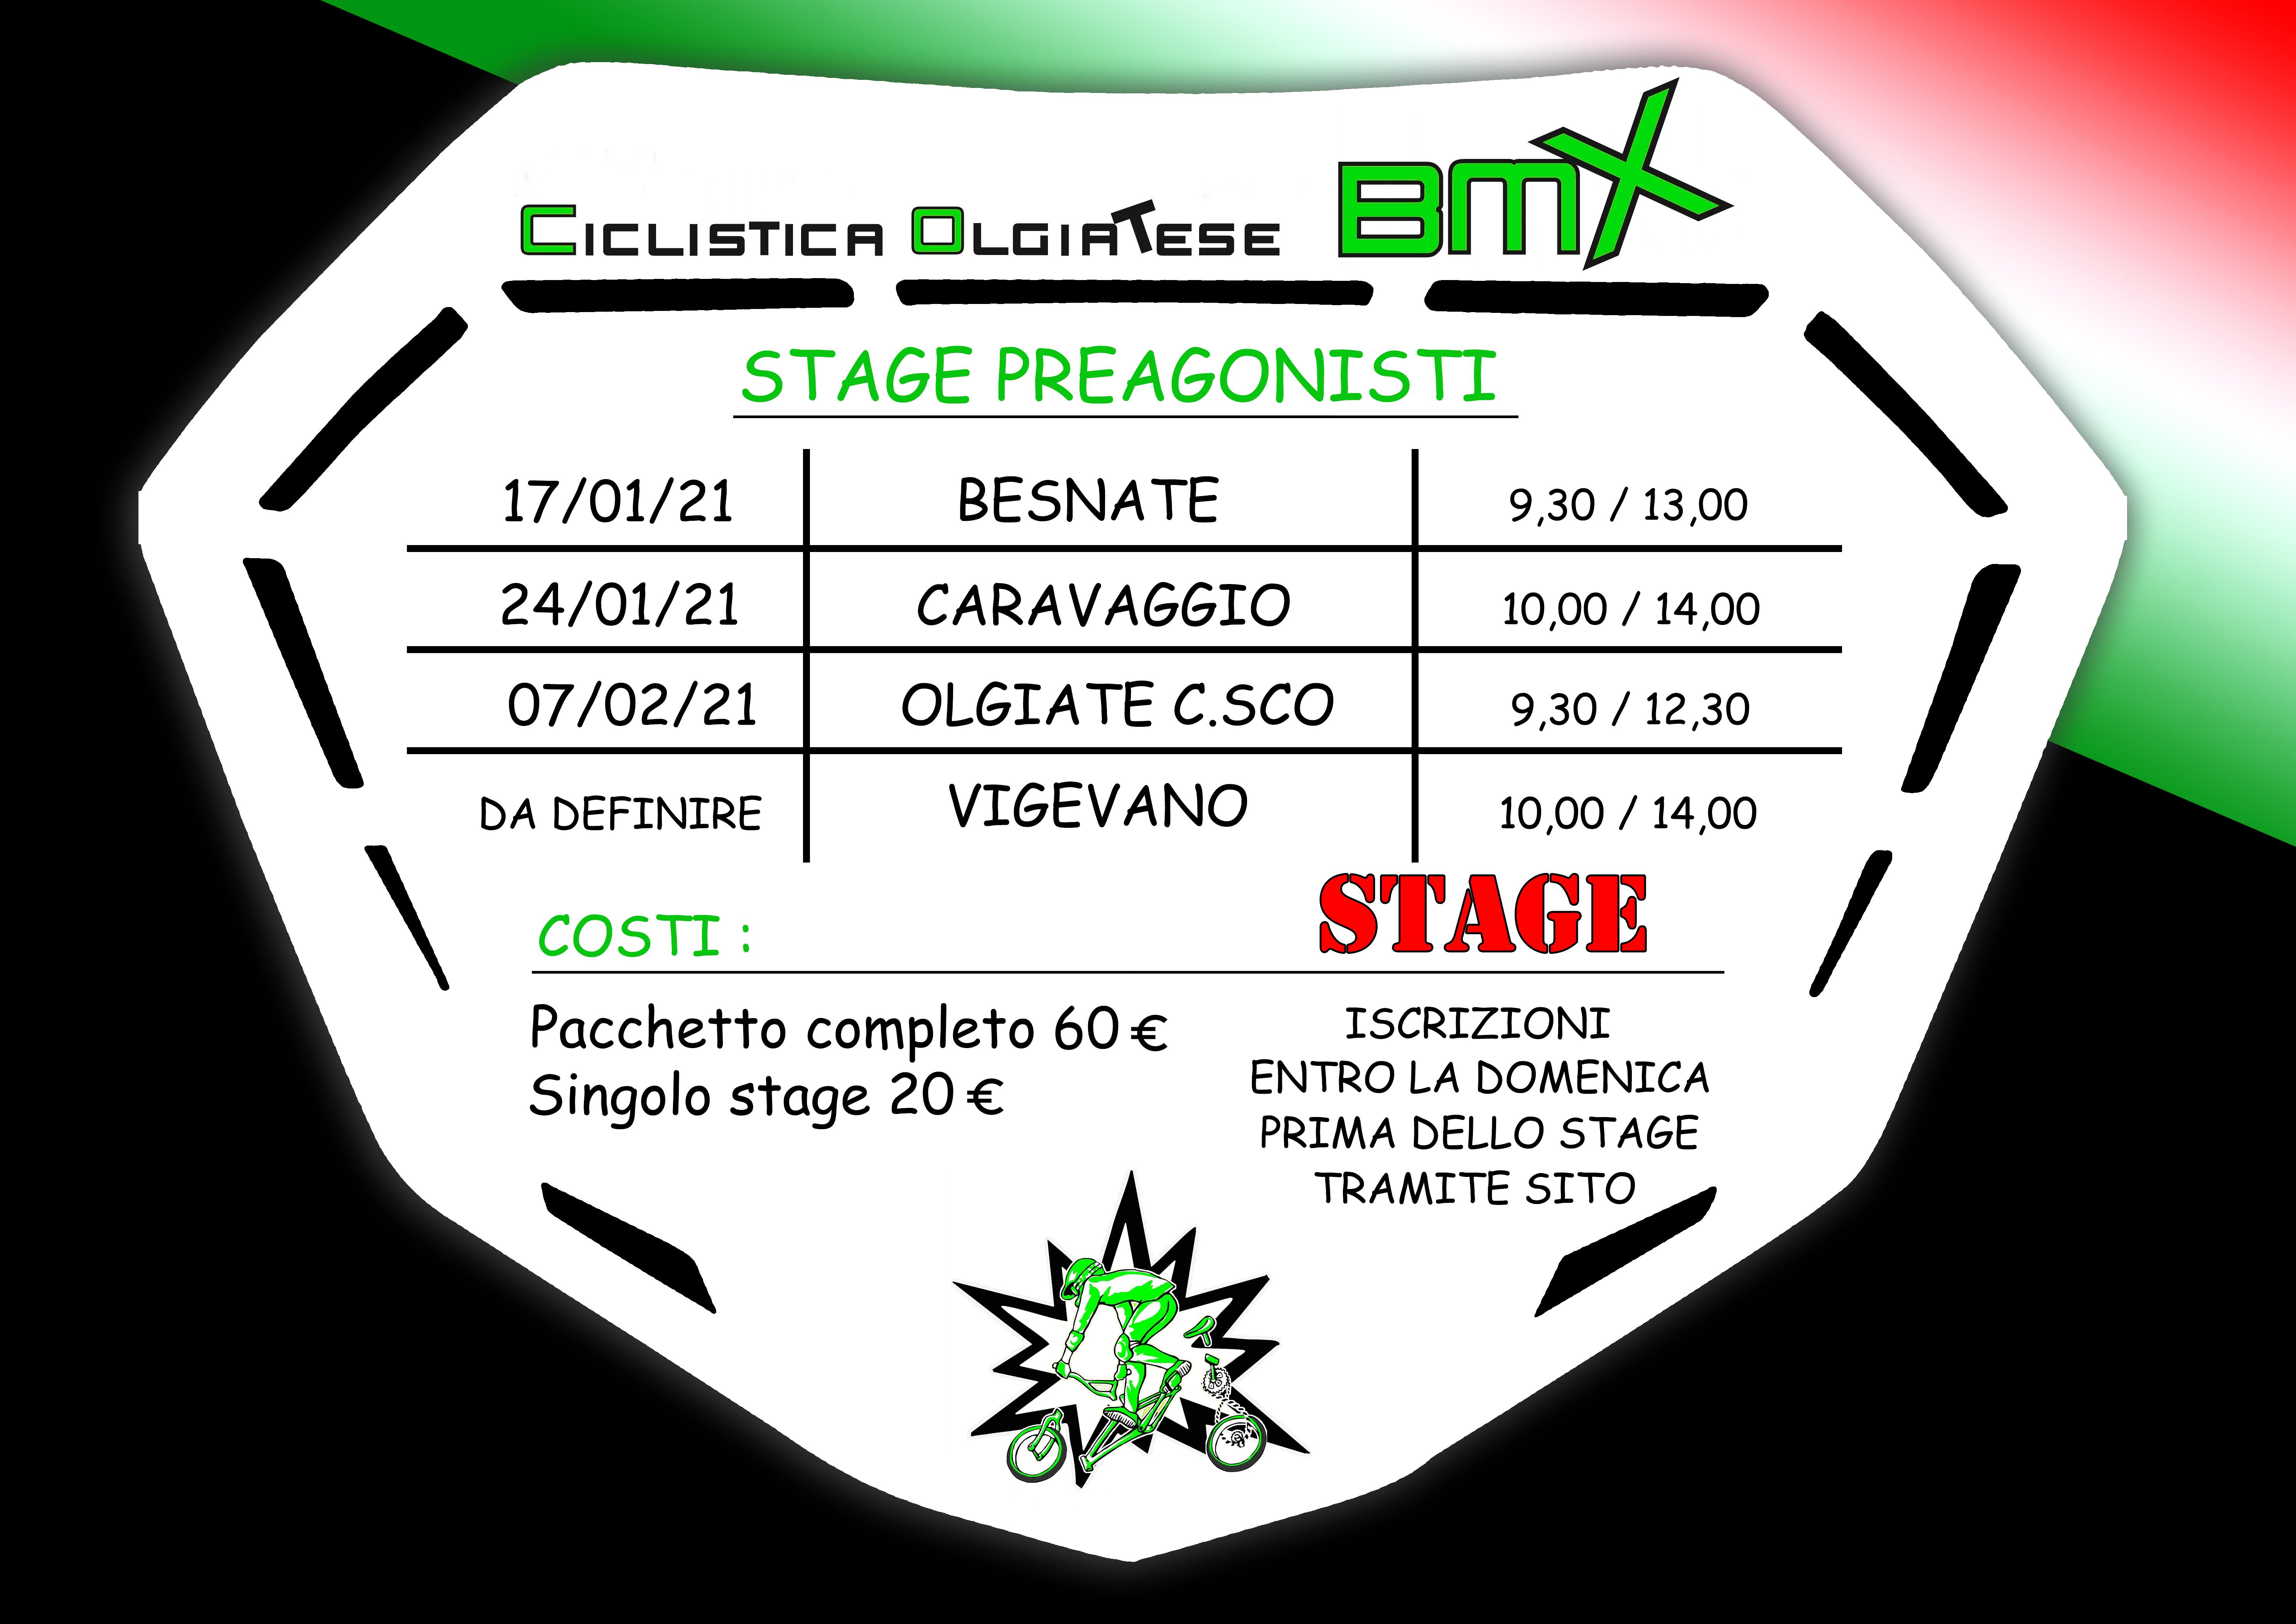 Stage Gruppi Preagonisti